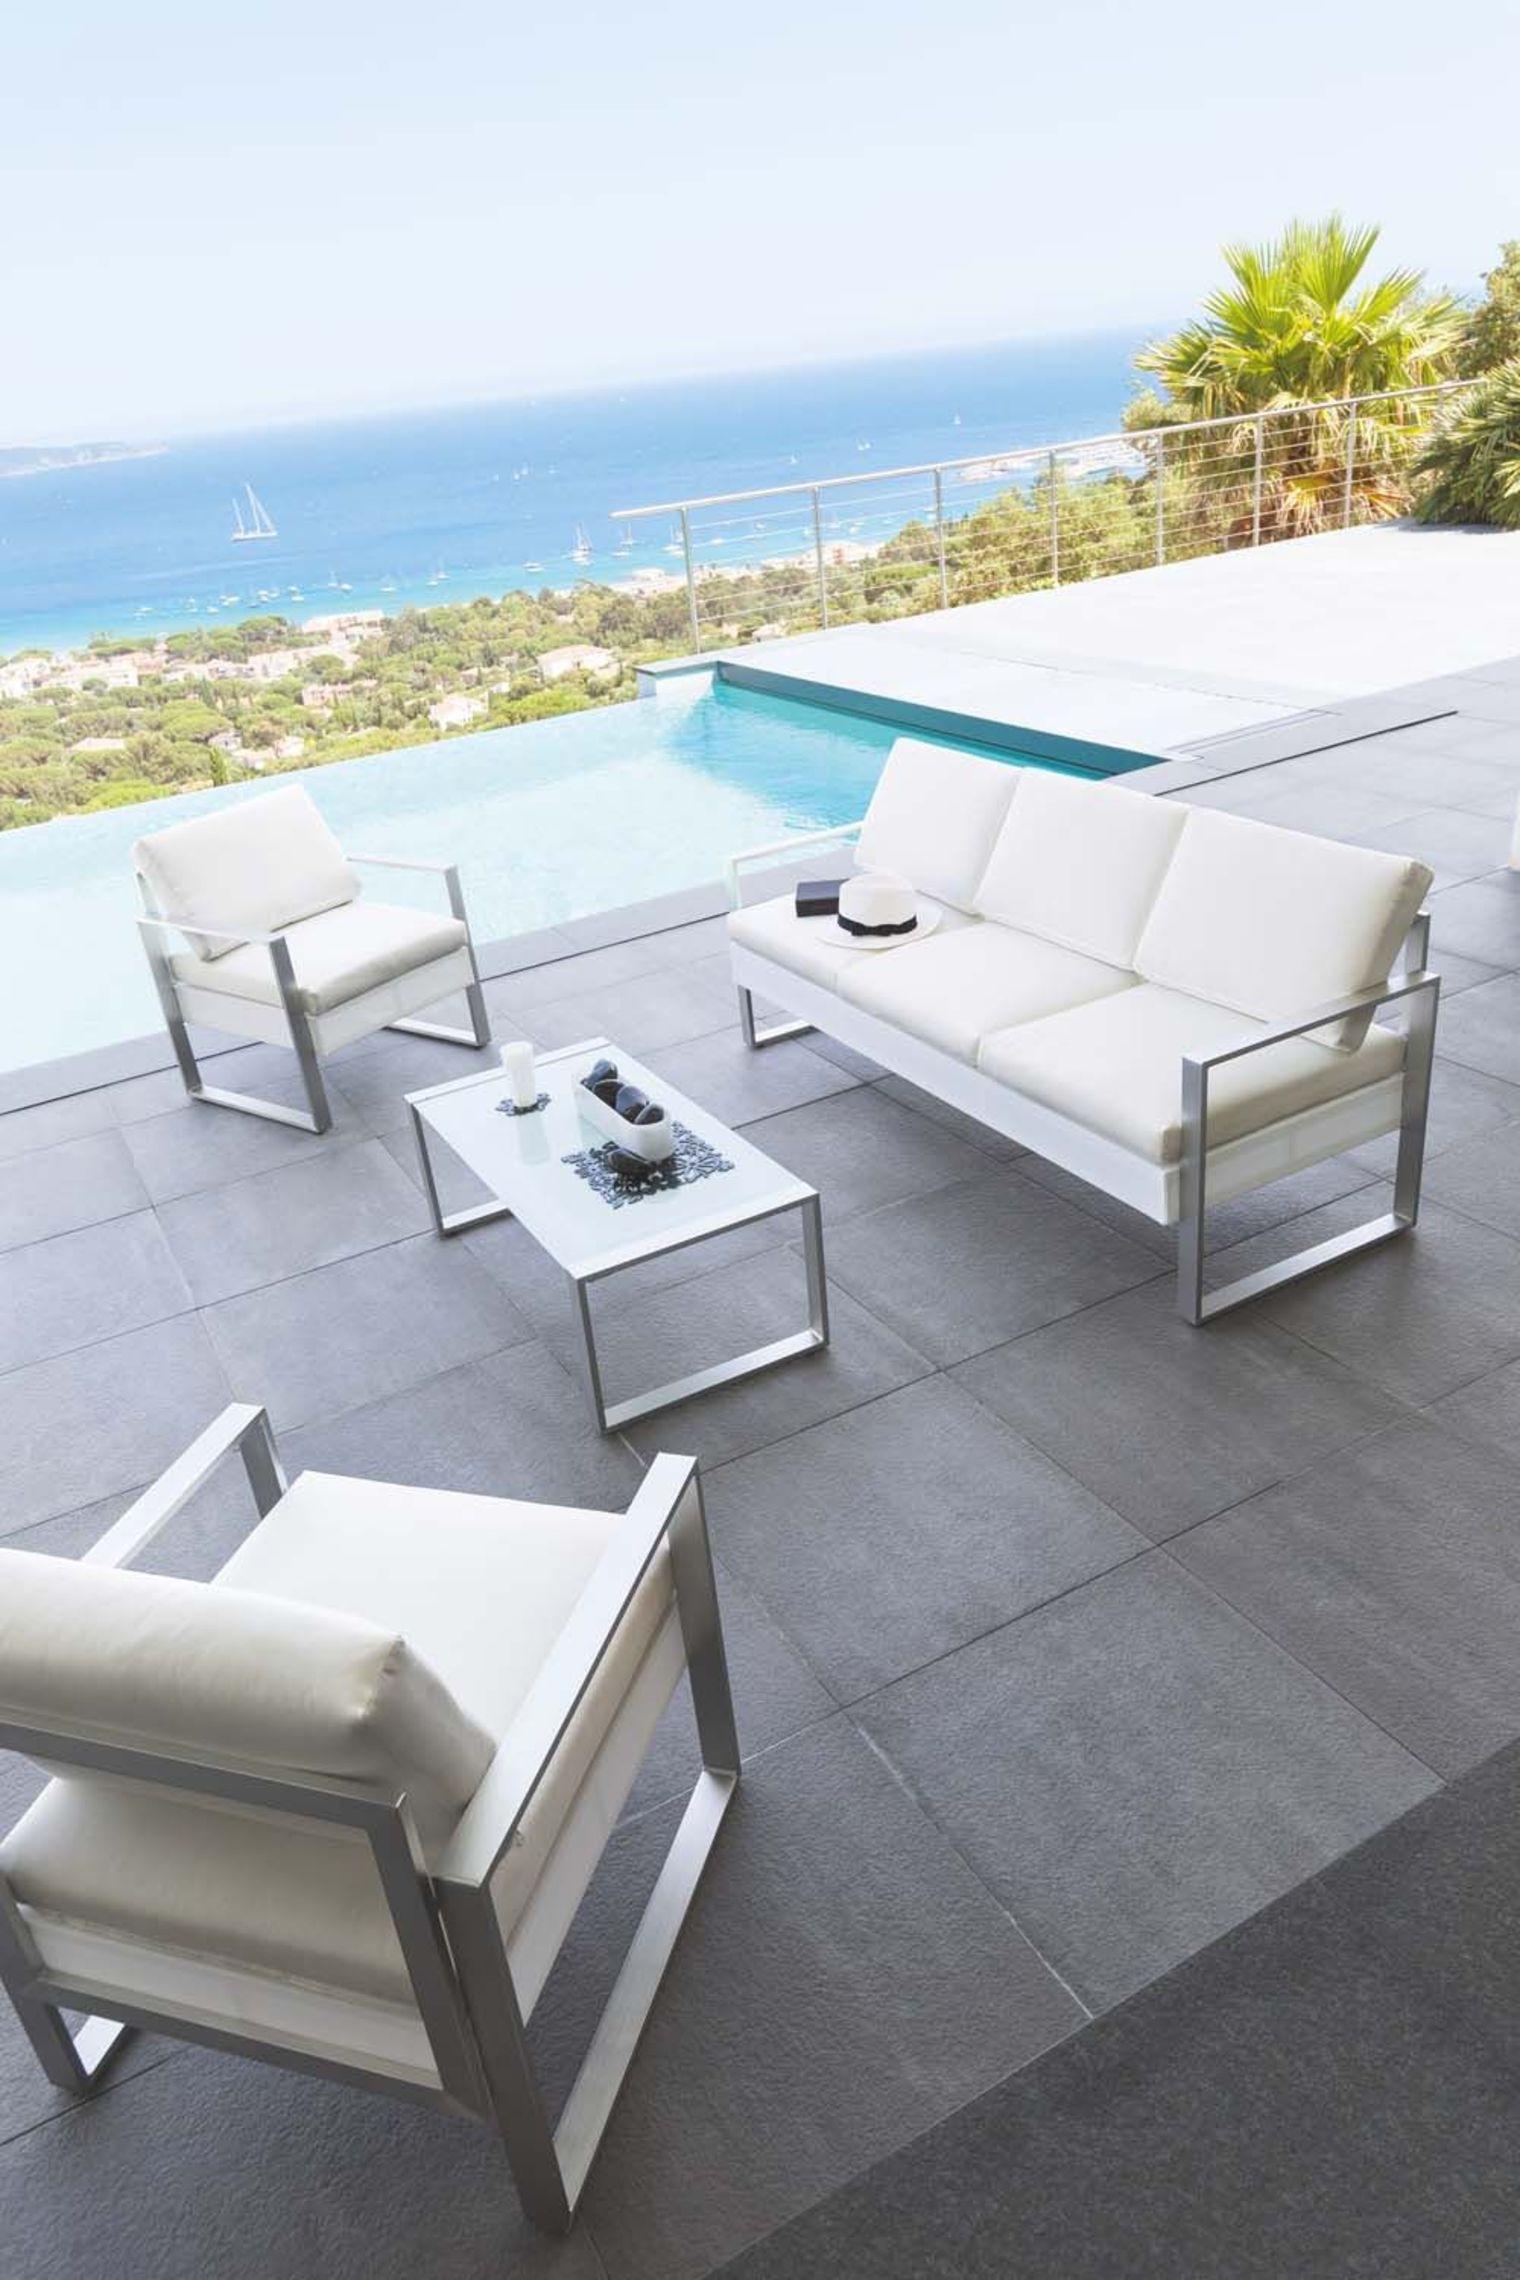 Salon de jardin luxe vendome - Mailleraye.fr jardin